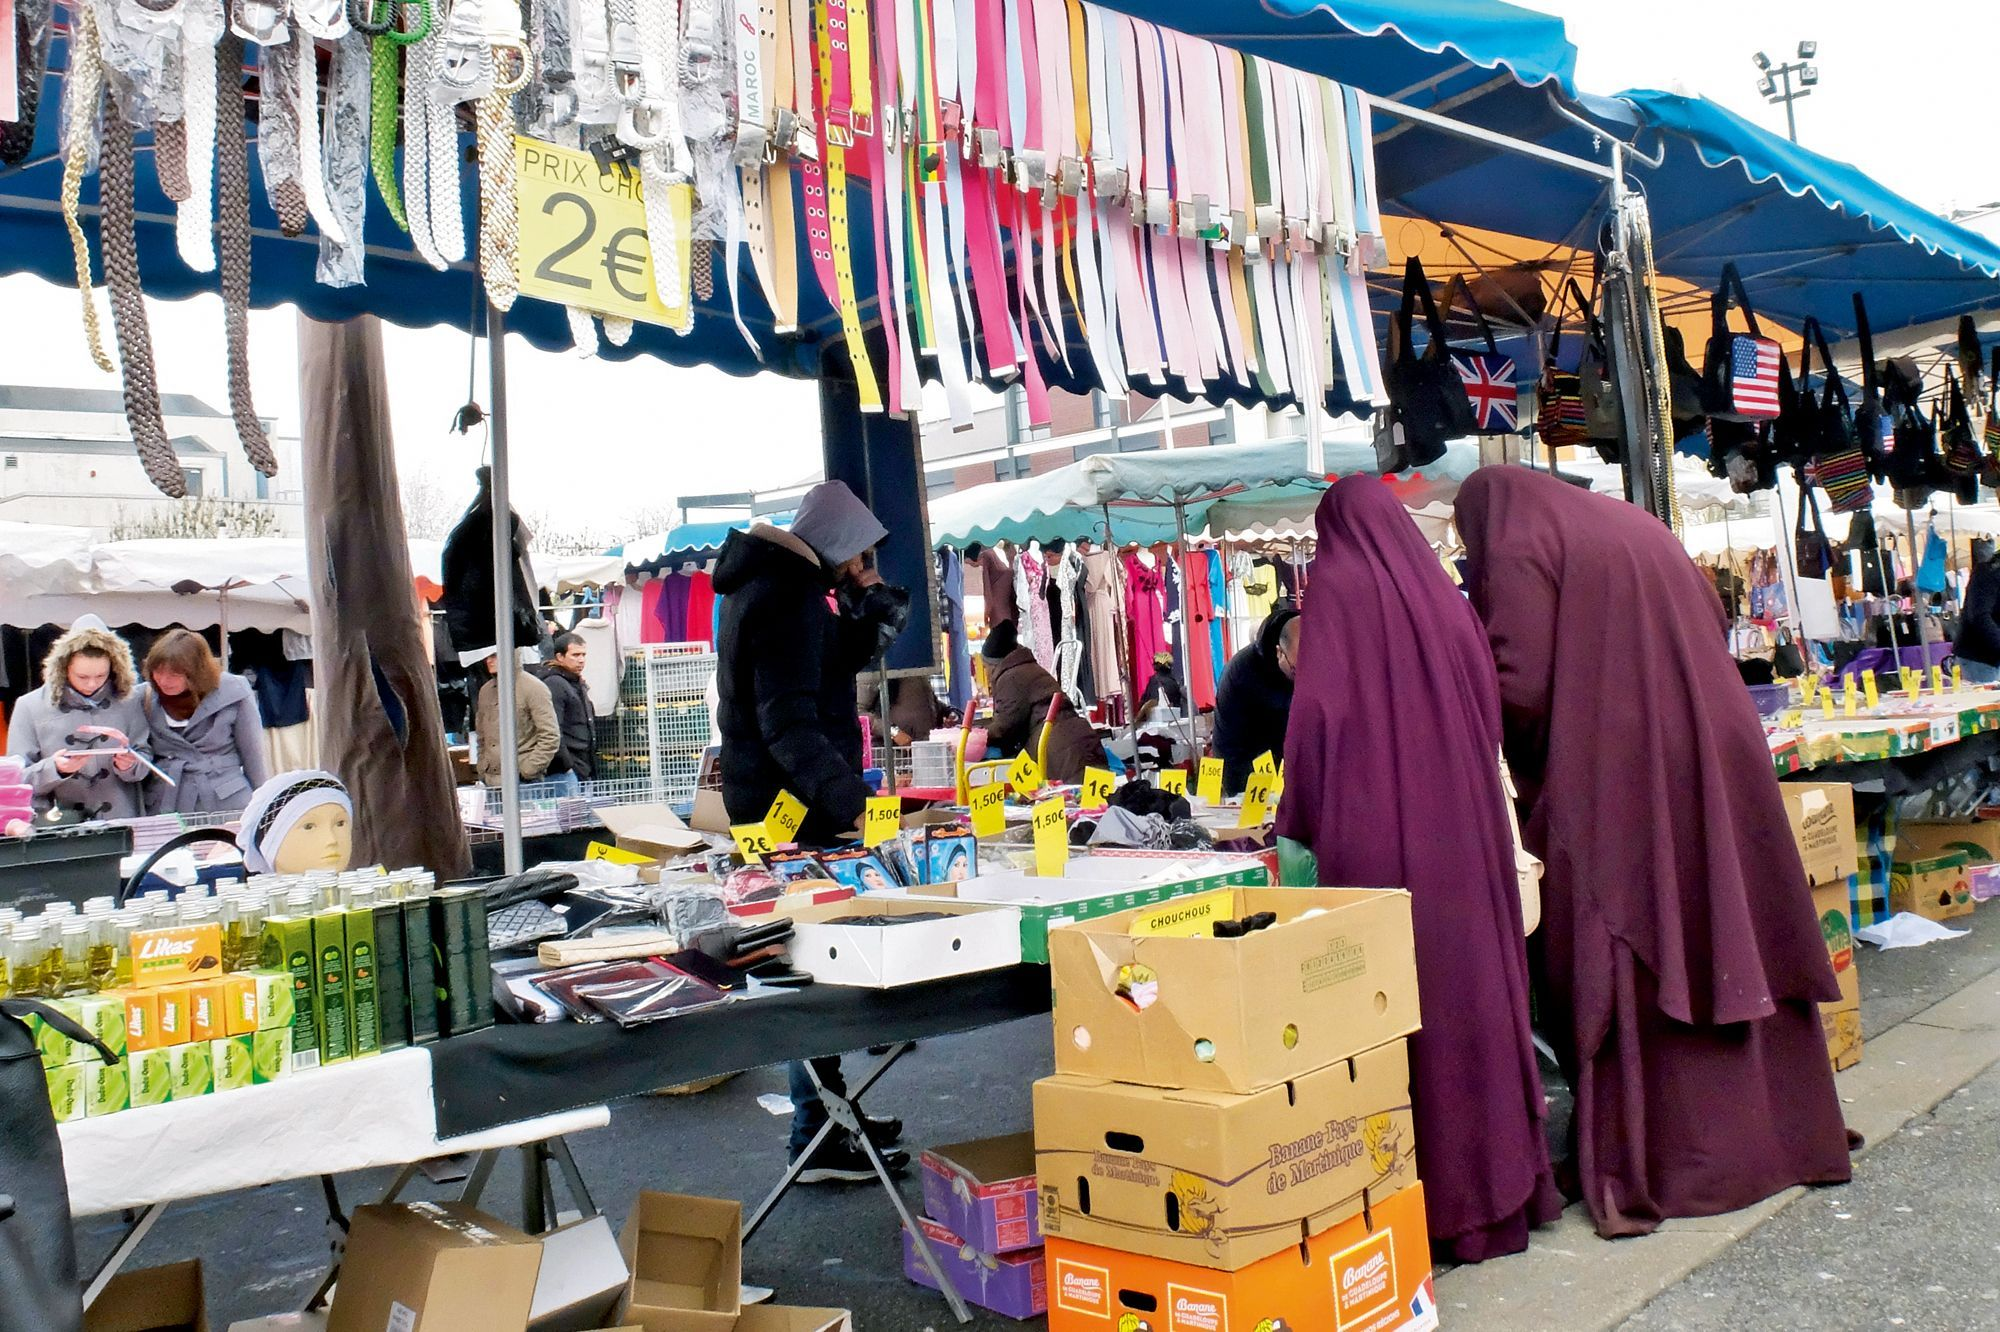 Les vrais musulmans sont en pays conquis partout o ils sont salem ben ammar - Marche paris mercredi ...